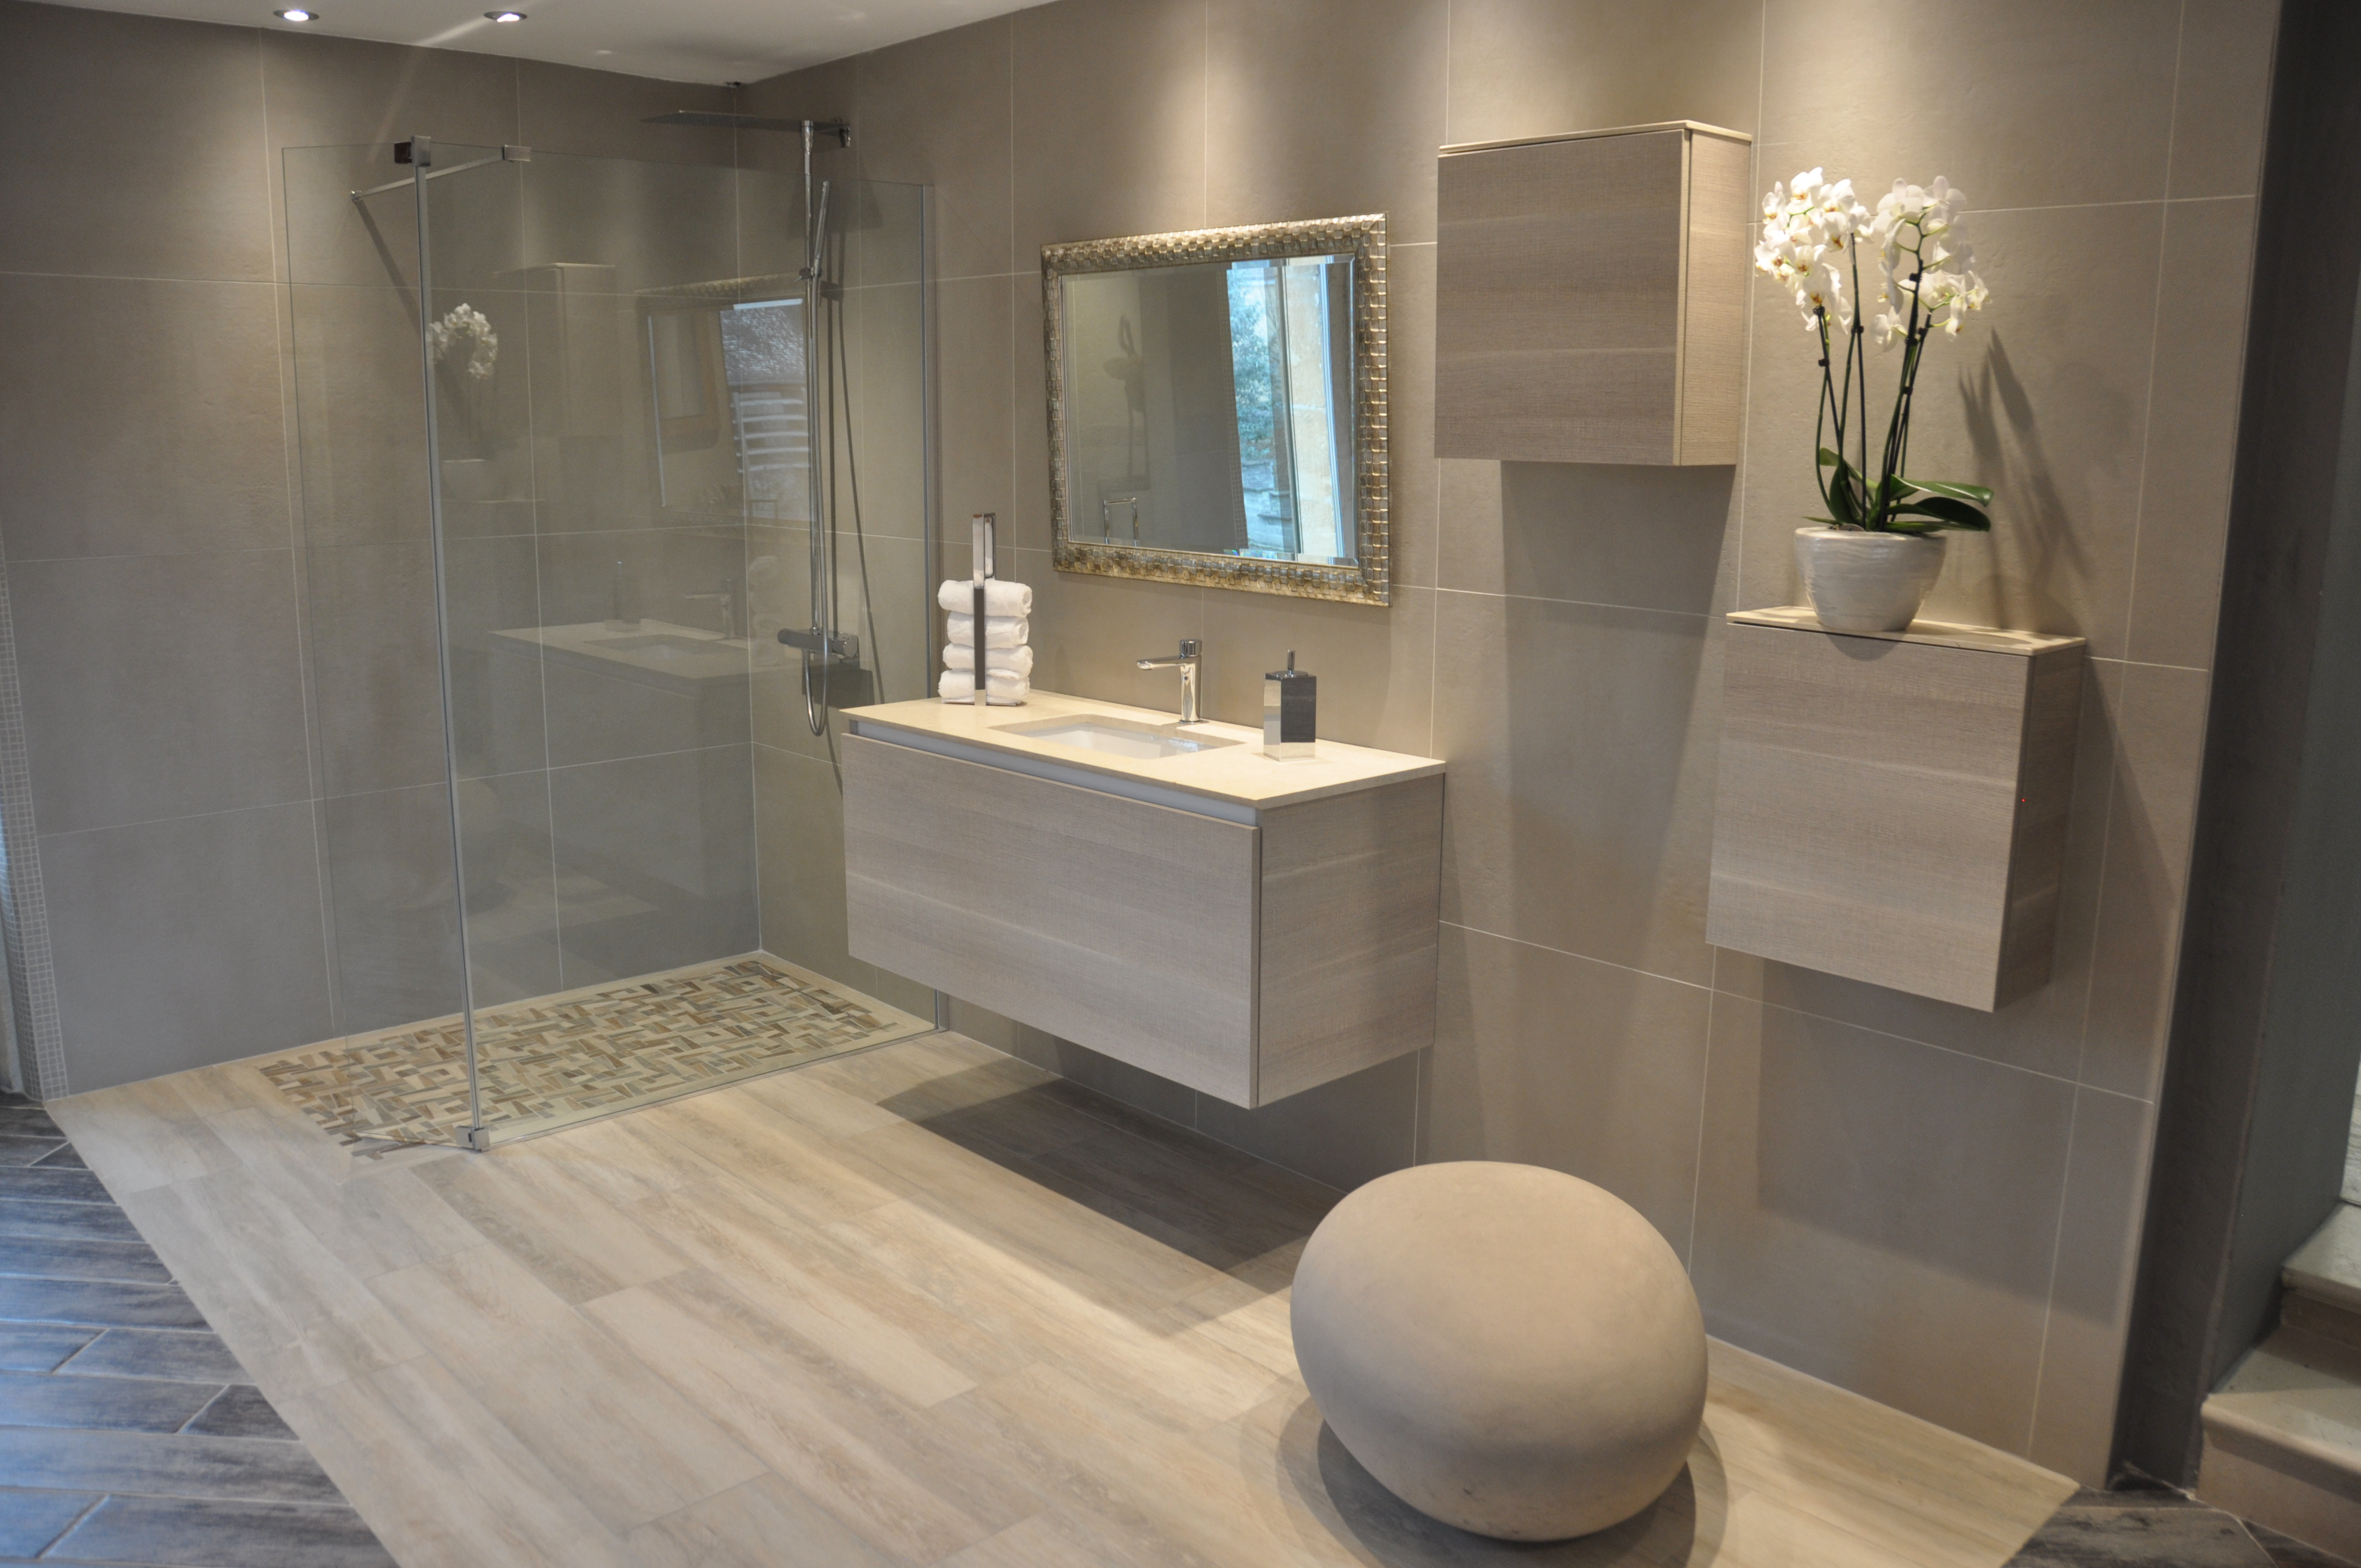 prix d une salle de bain avec douche italienne pour salle de bain avec douche italienne